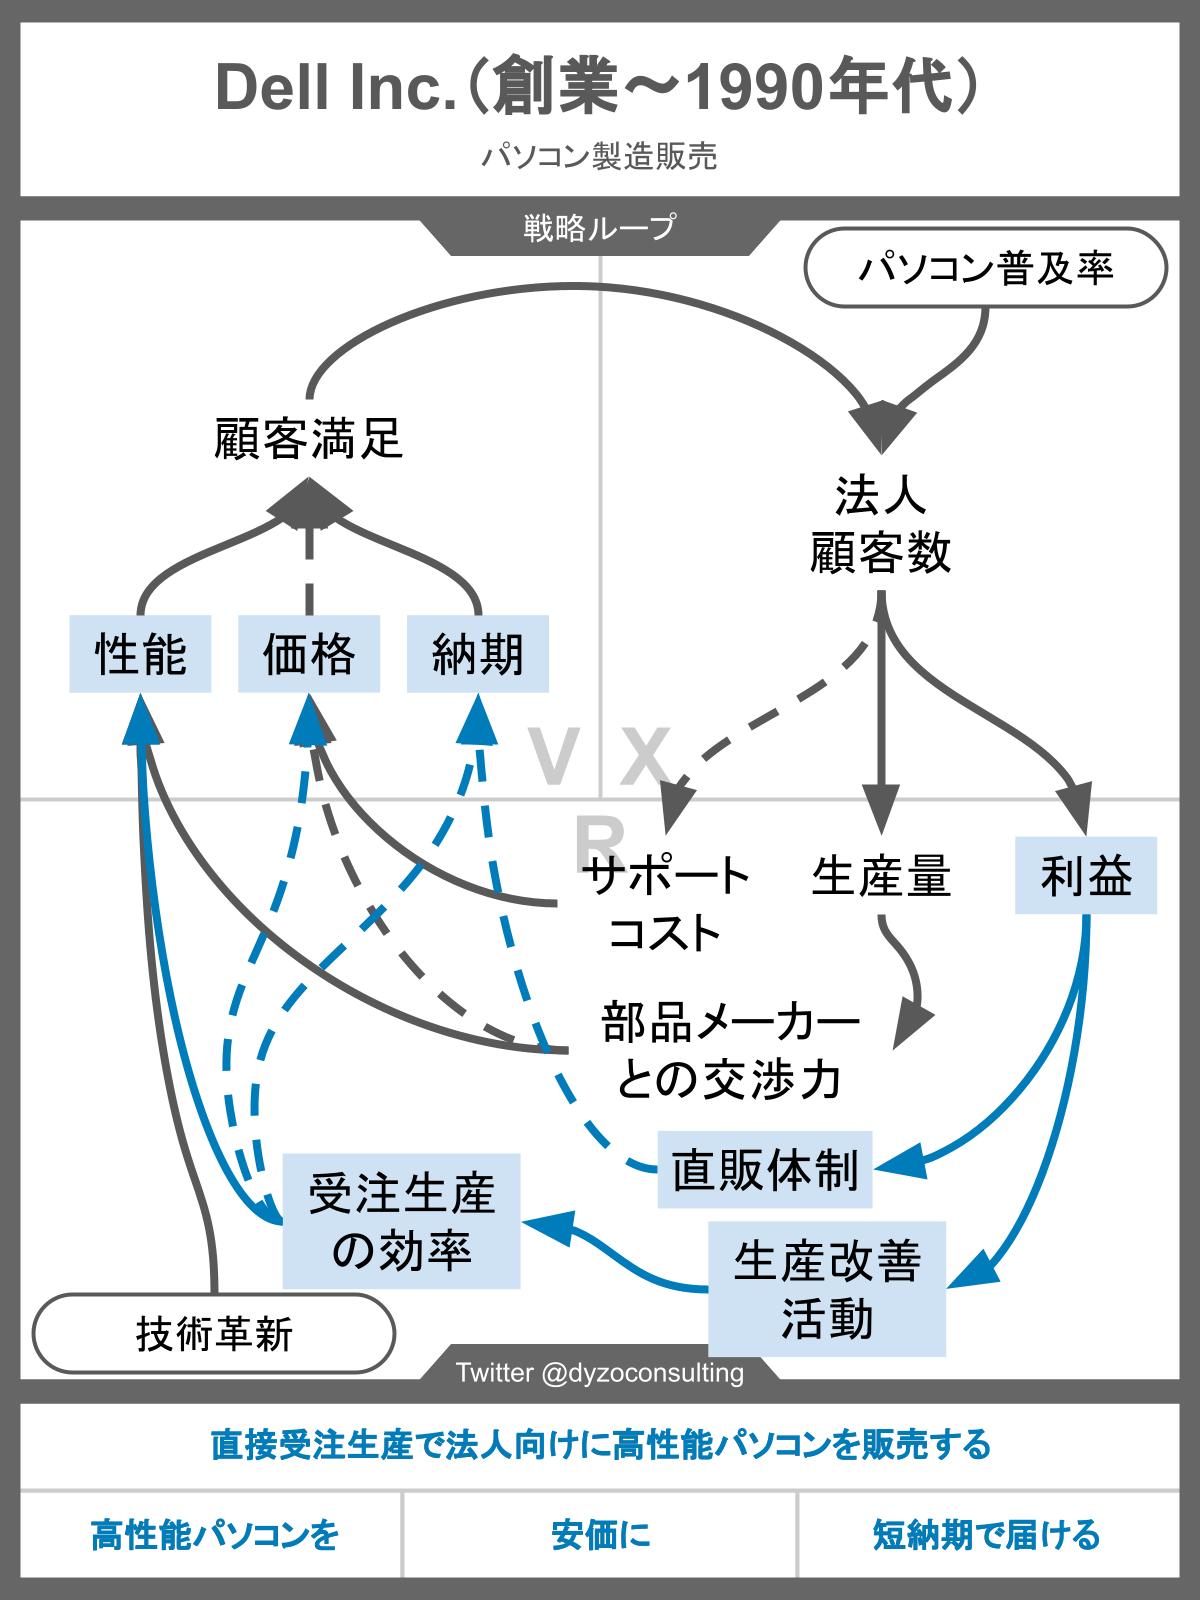 DELL直販モデルの戦略ループ